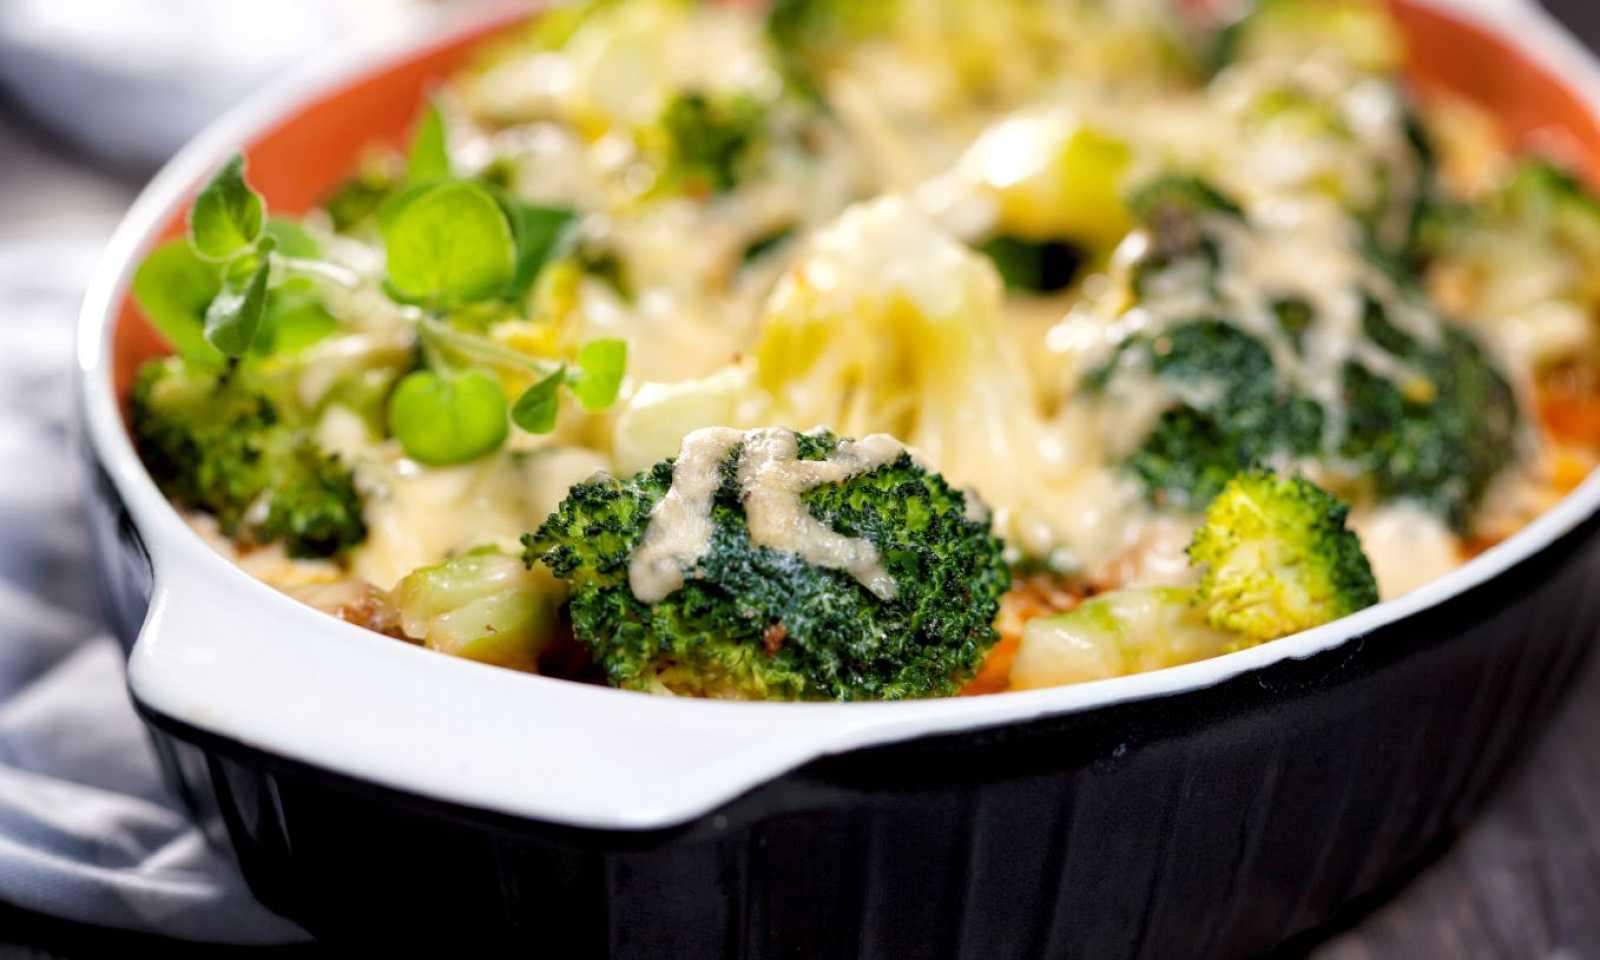 Receta de coliflor y brócoli al horno